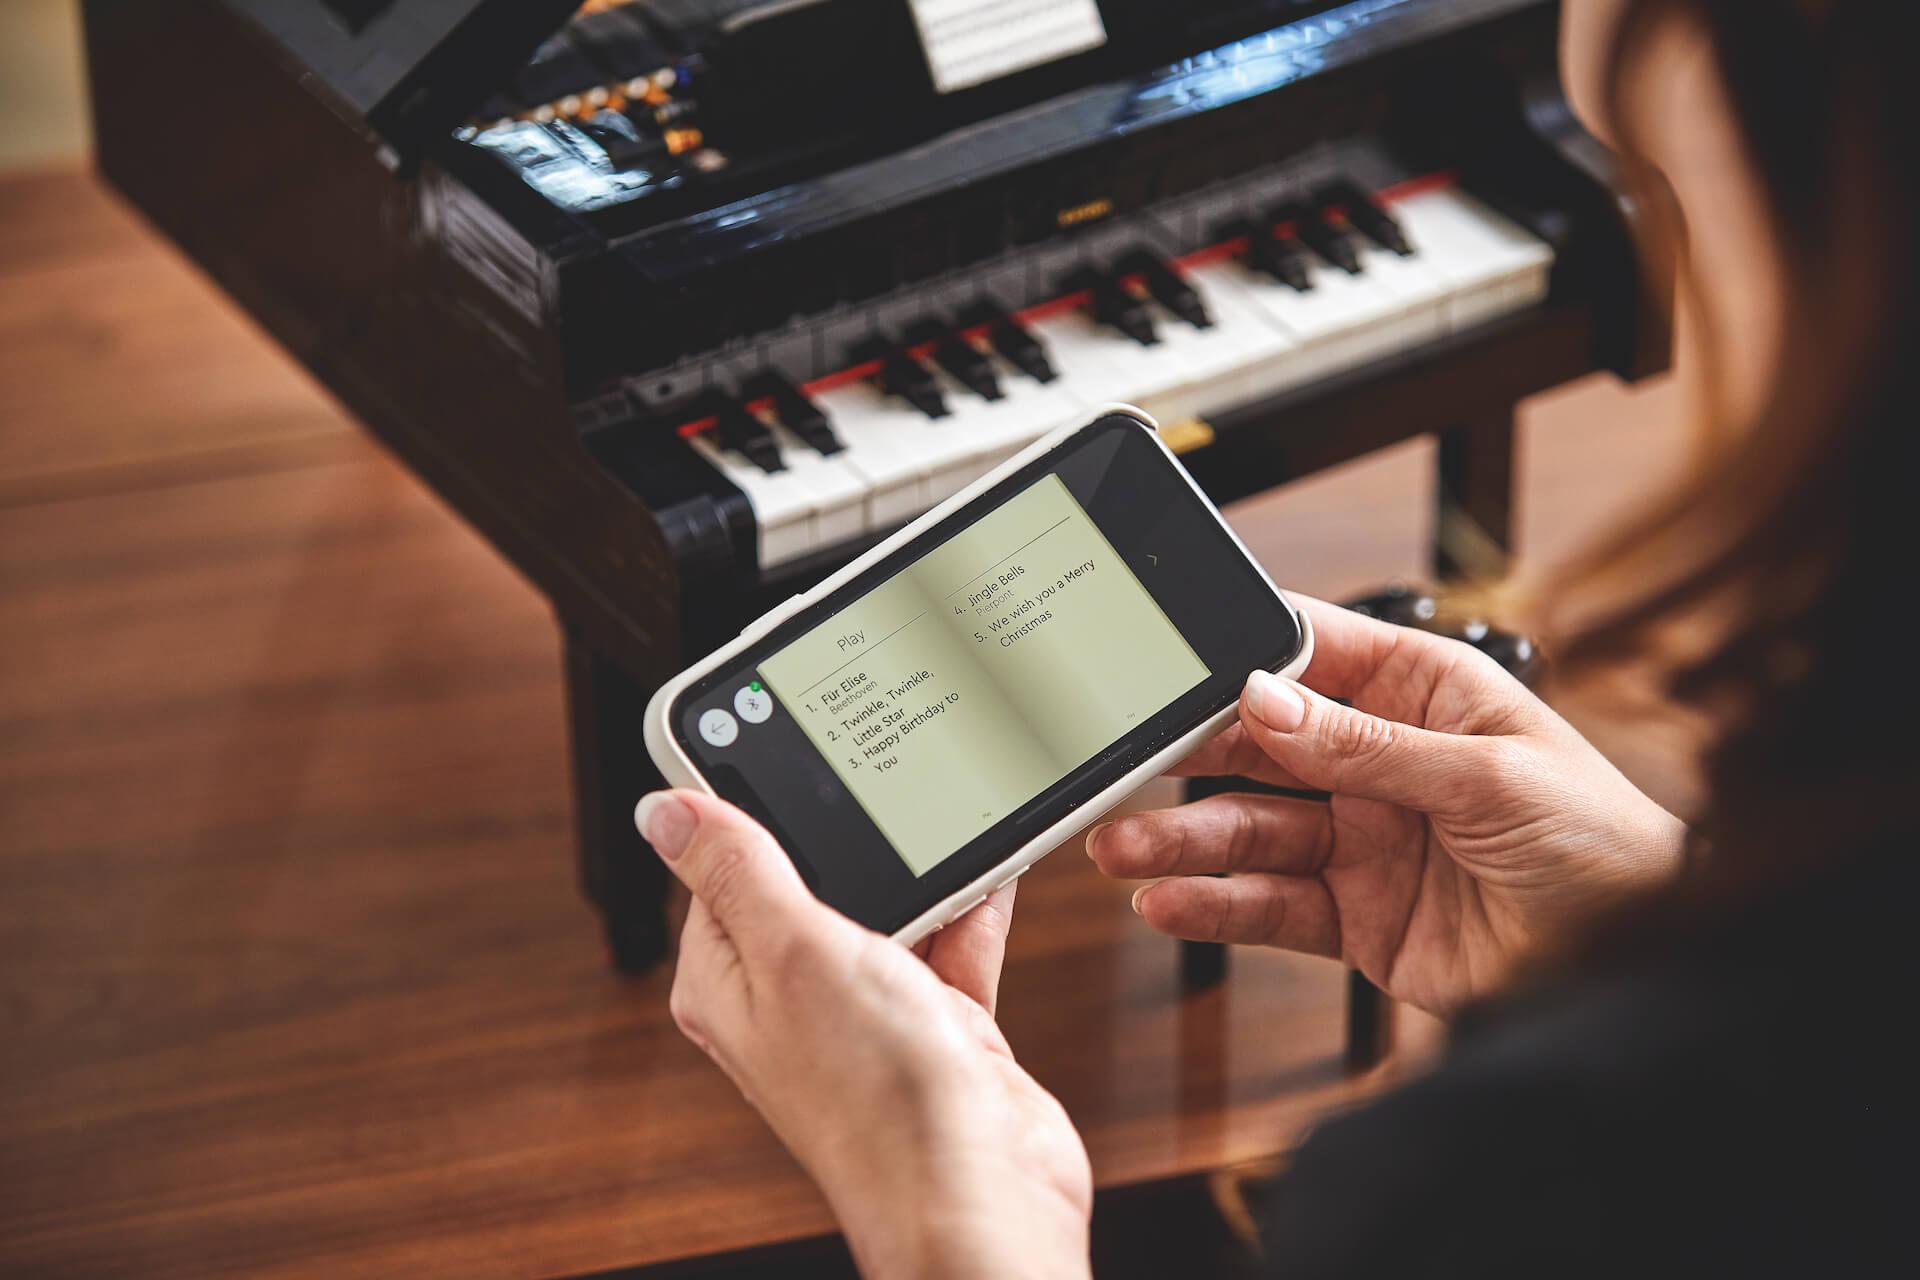 21323_Lifestyle_12 ポップカルチャーアート作品や音を奏でるグランドピアノも!インテリアとしても楽しめる大人に向けた「大人のレゴ」